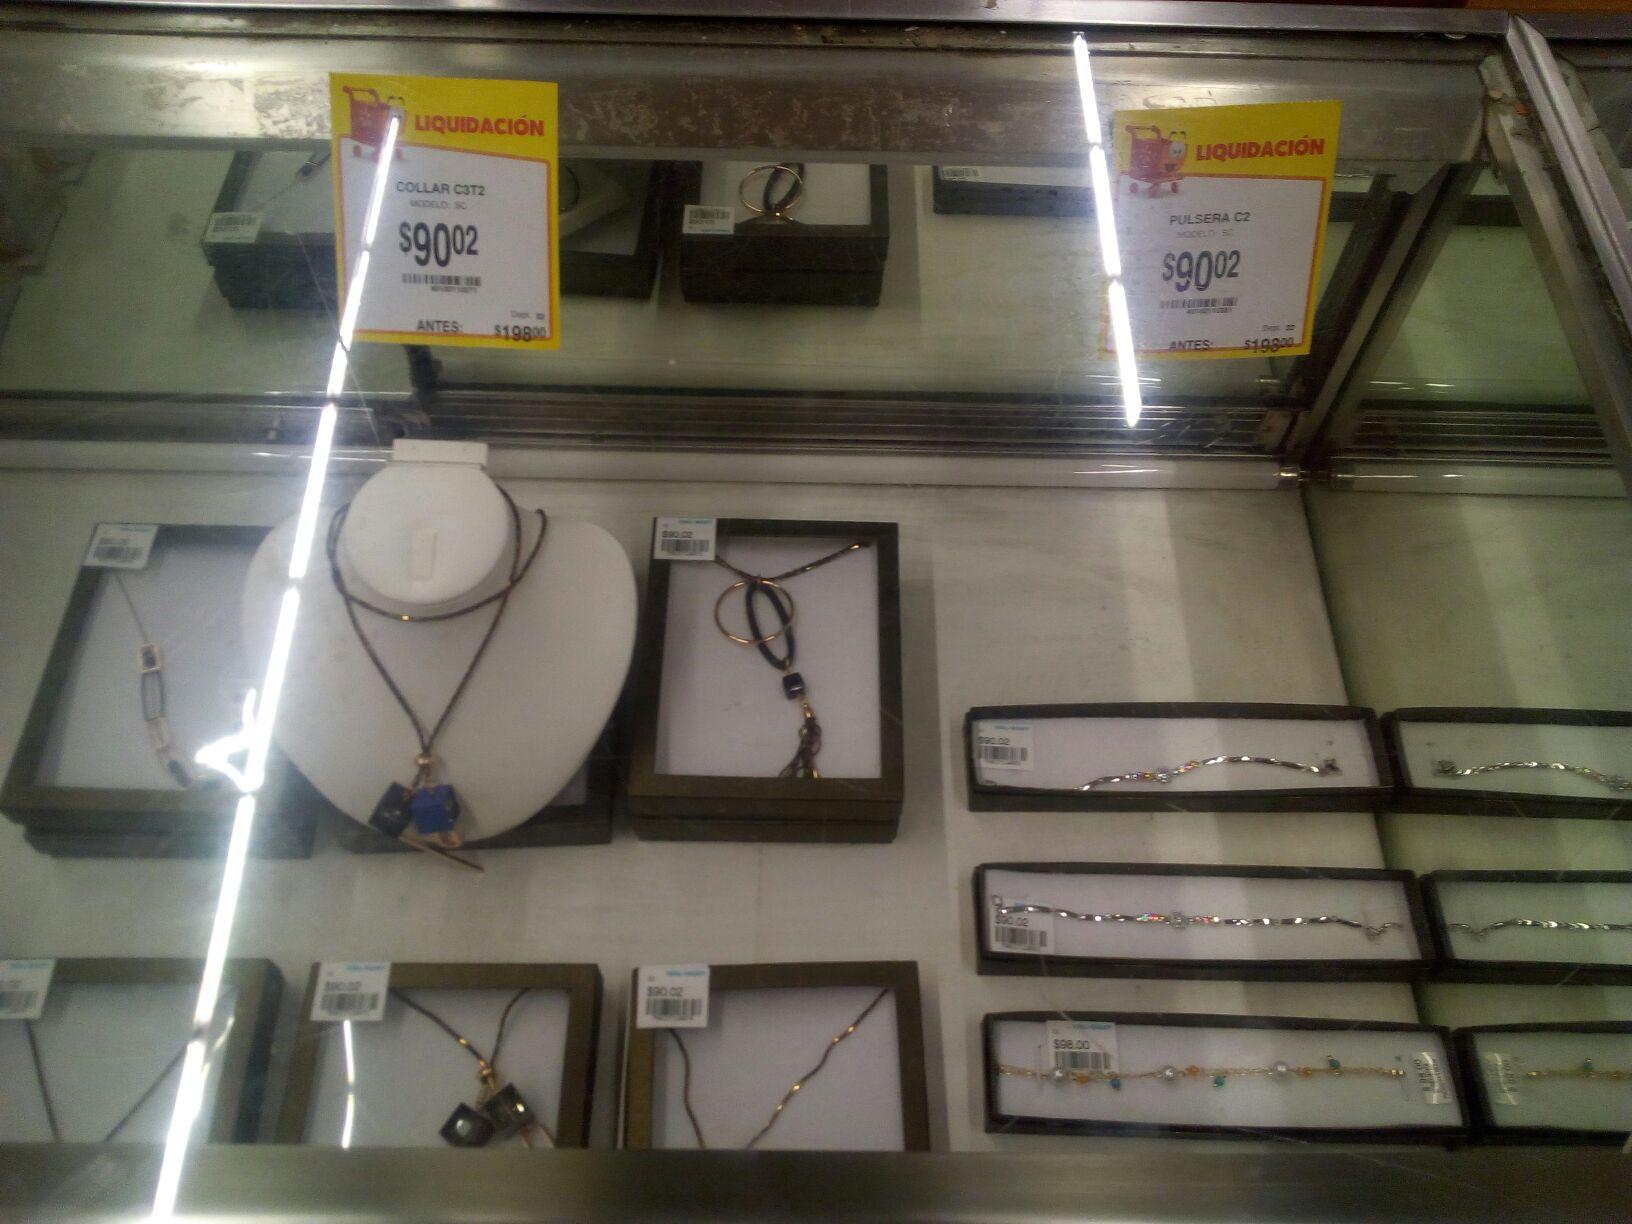 Walmart: liquidaciones en joyeria $60.02 y $90.02